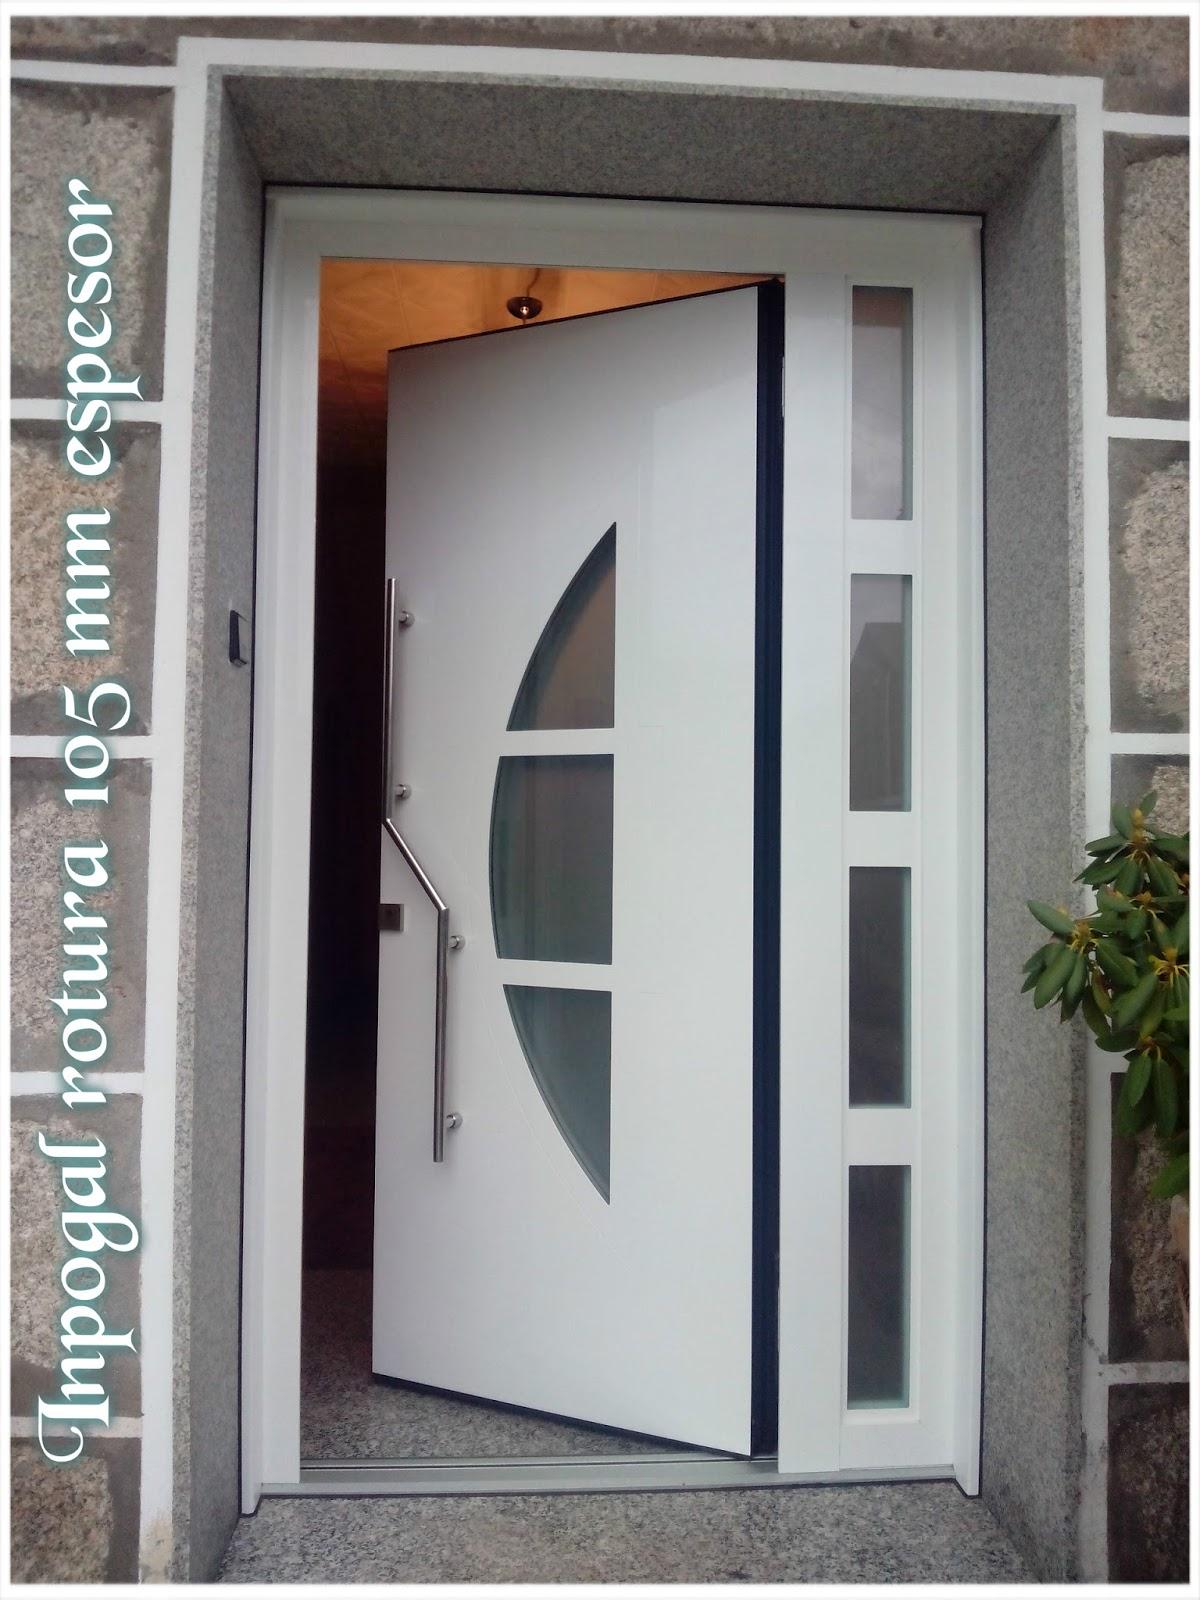 Puertas aluminio inpogal puertas de rotura serie prestige - Modelos de puertas de aluminio para exterior ...